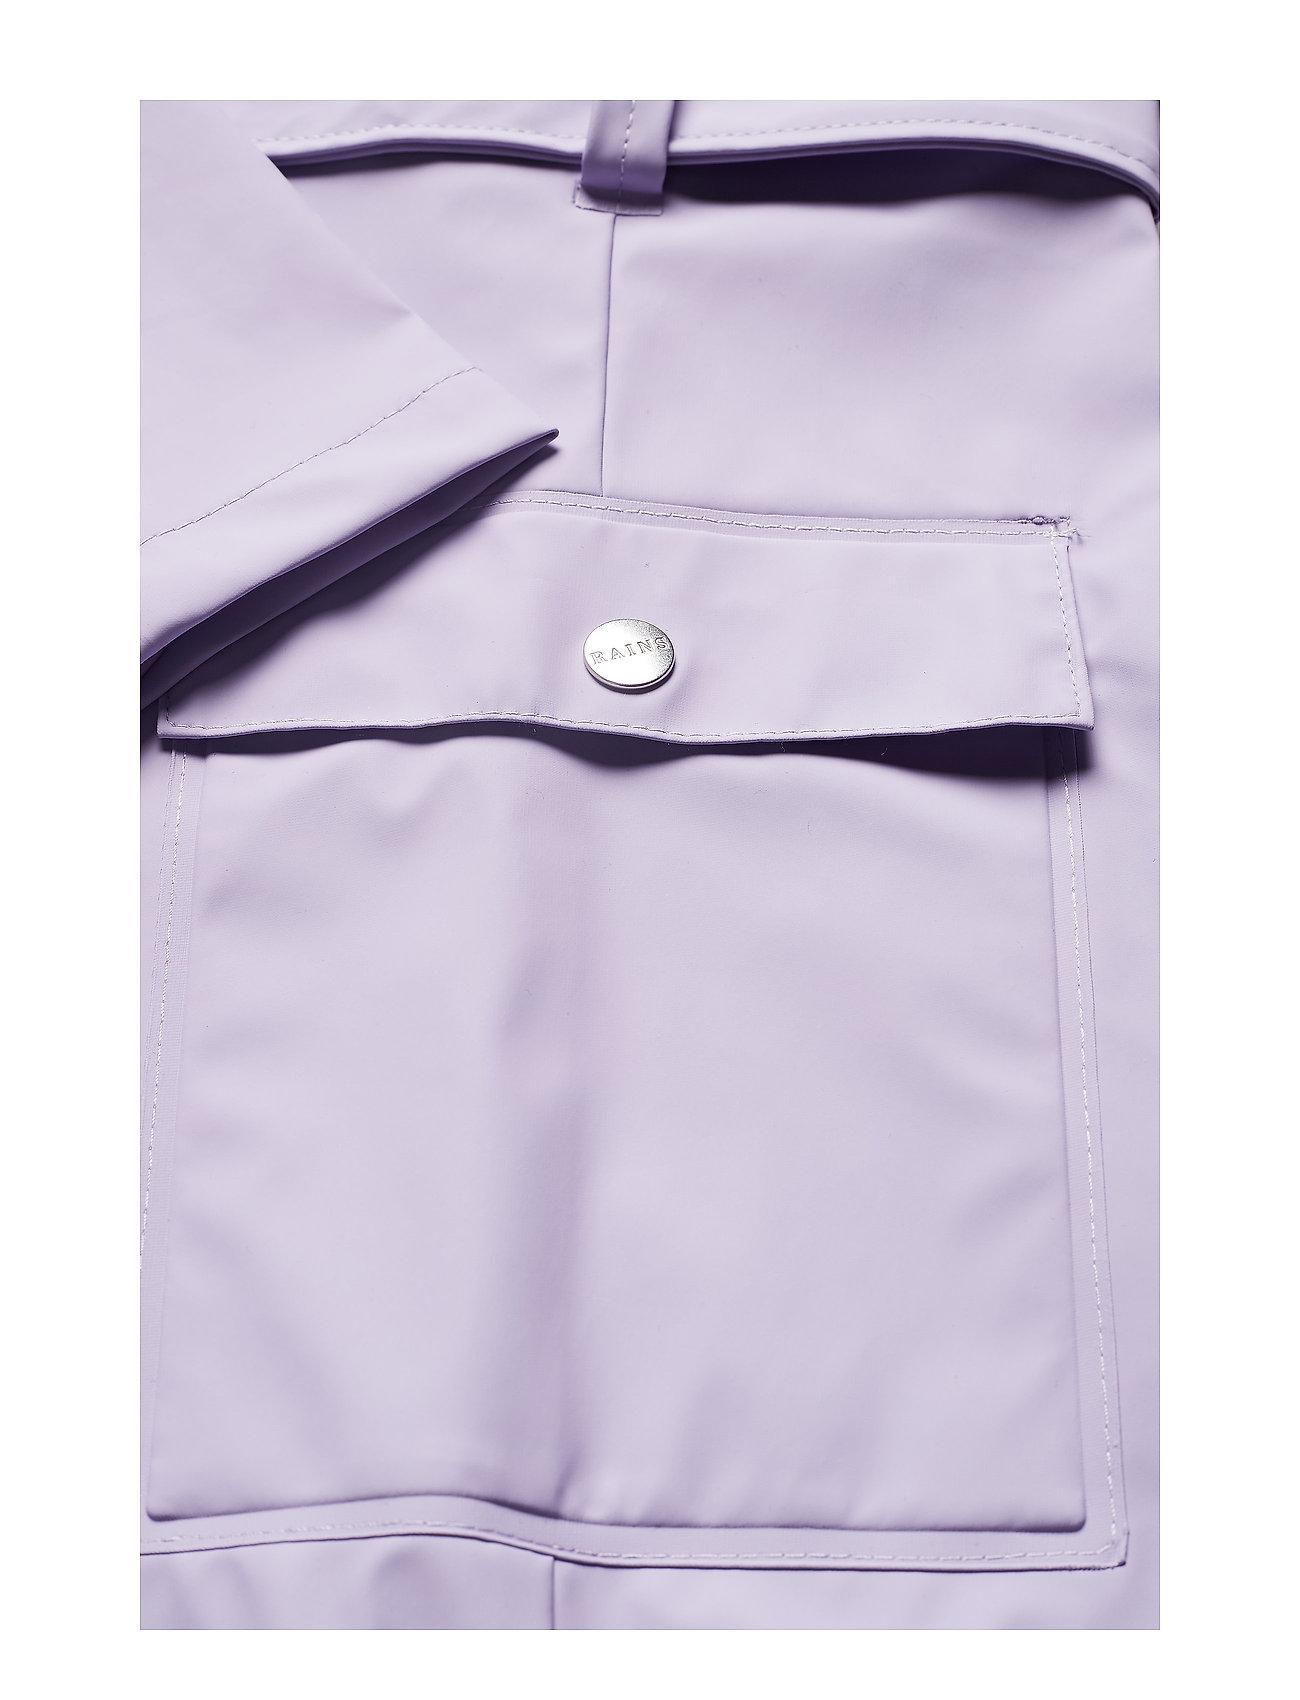 Curve LavenderRains LavenderRains Curve Jacket95 Jacket95 LavenderRains Curve Jacket95 LavenderRains Jacket95 LavenderRains Curve Jacket95 Curve BoQxdCWEre